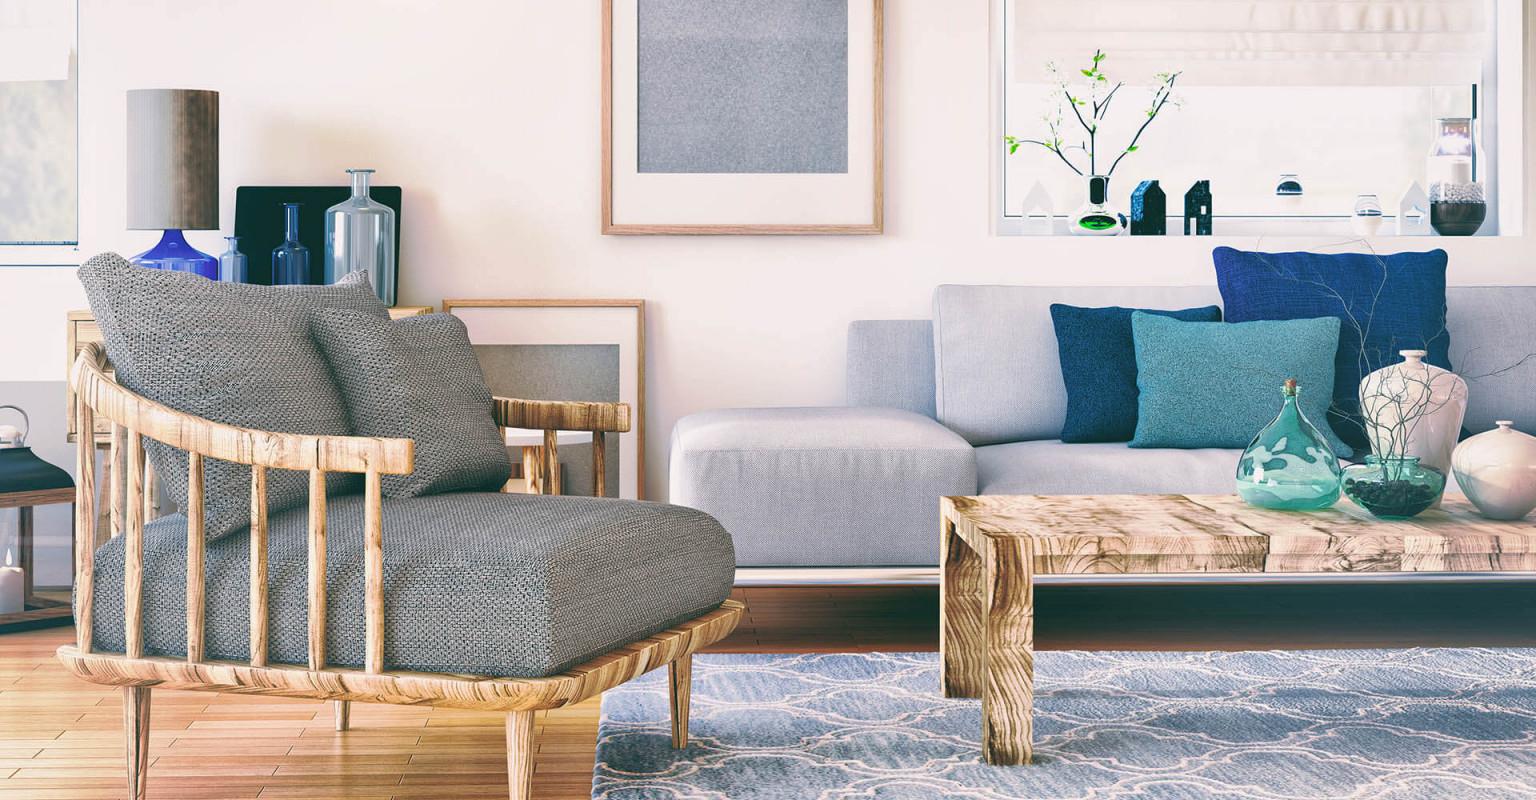 Wohnzimmer Gemütlich Einrichten  8 Schnell Umsetzbare Tipps von Gemütliches Wohnzimmer Einrichten Photo